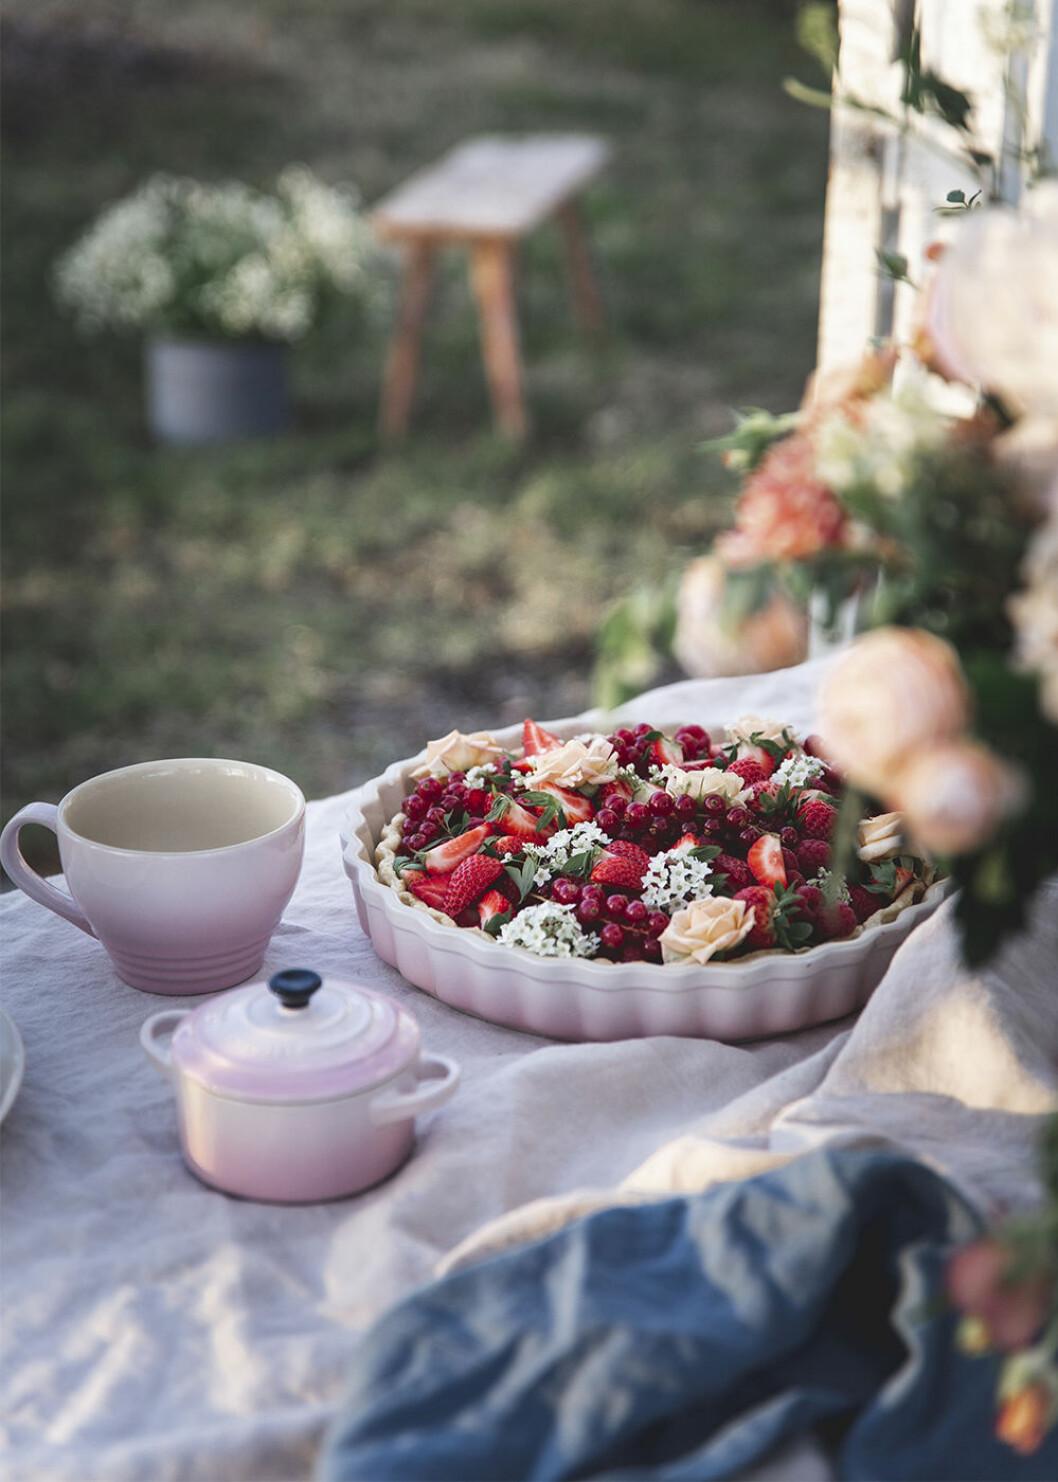 Pajform från Le Creuset fylld med blommor och bär